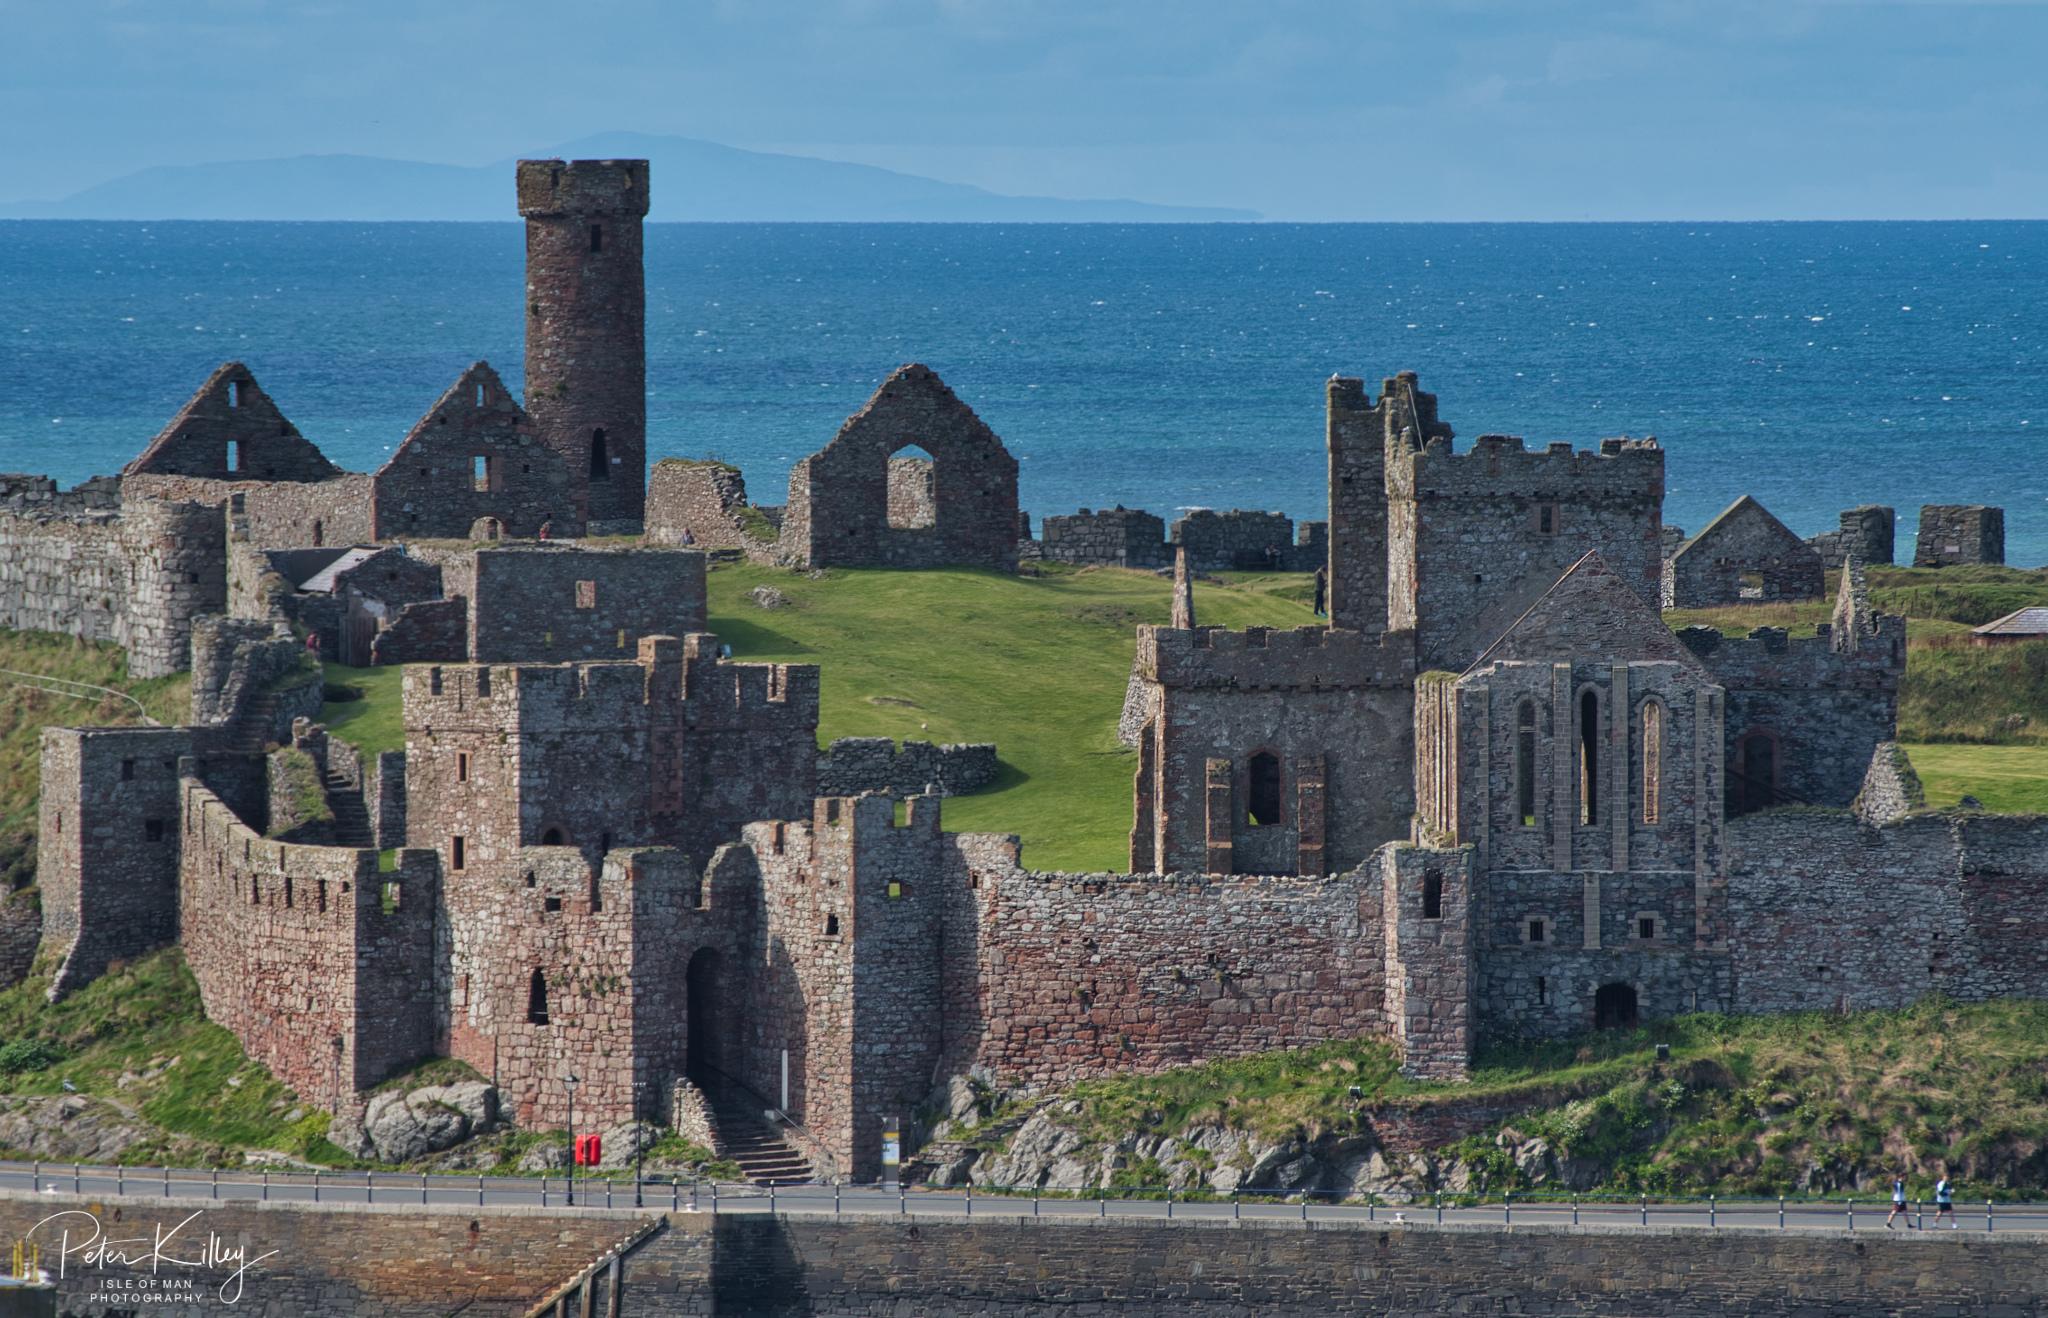 Peel Castle - © Peter Killey - www.manxscenes.com